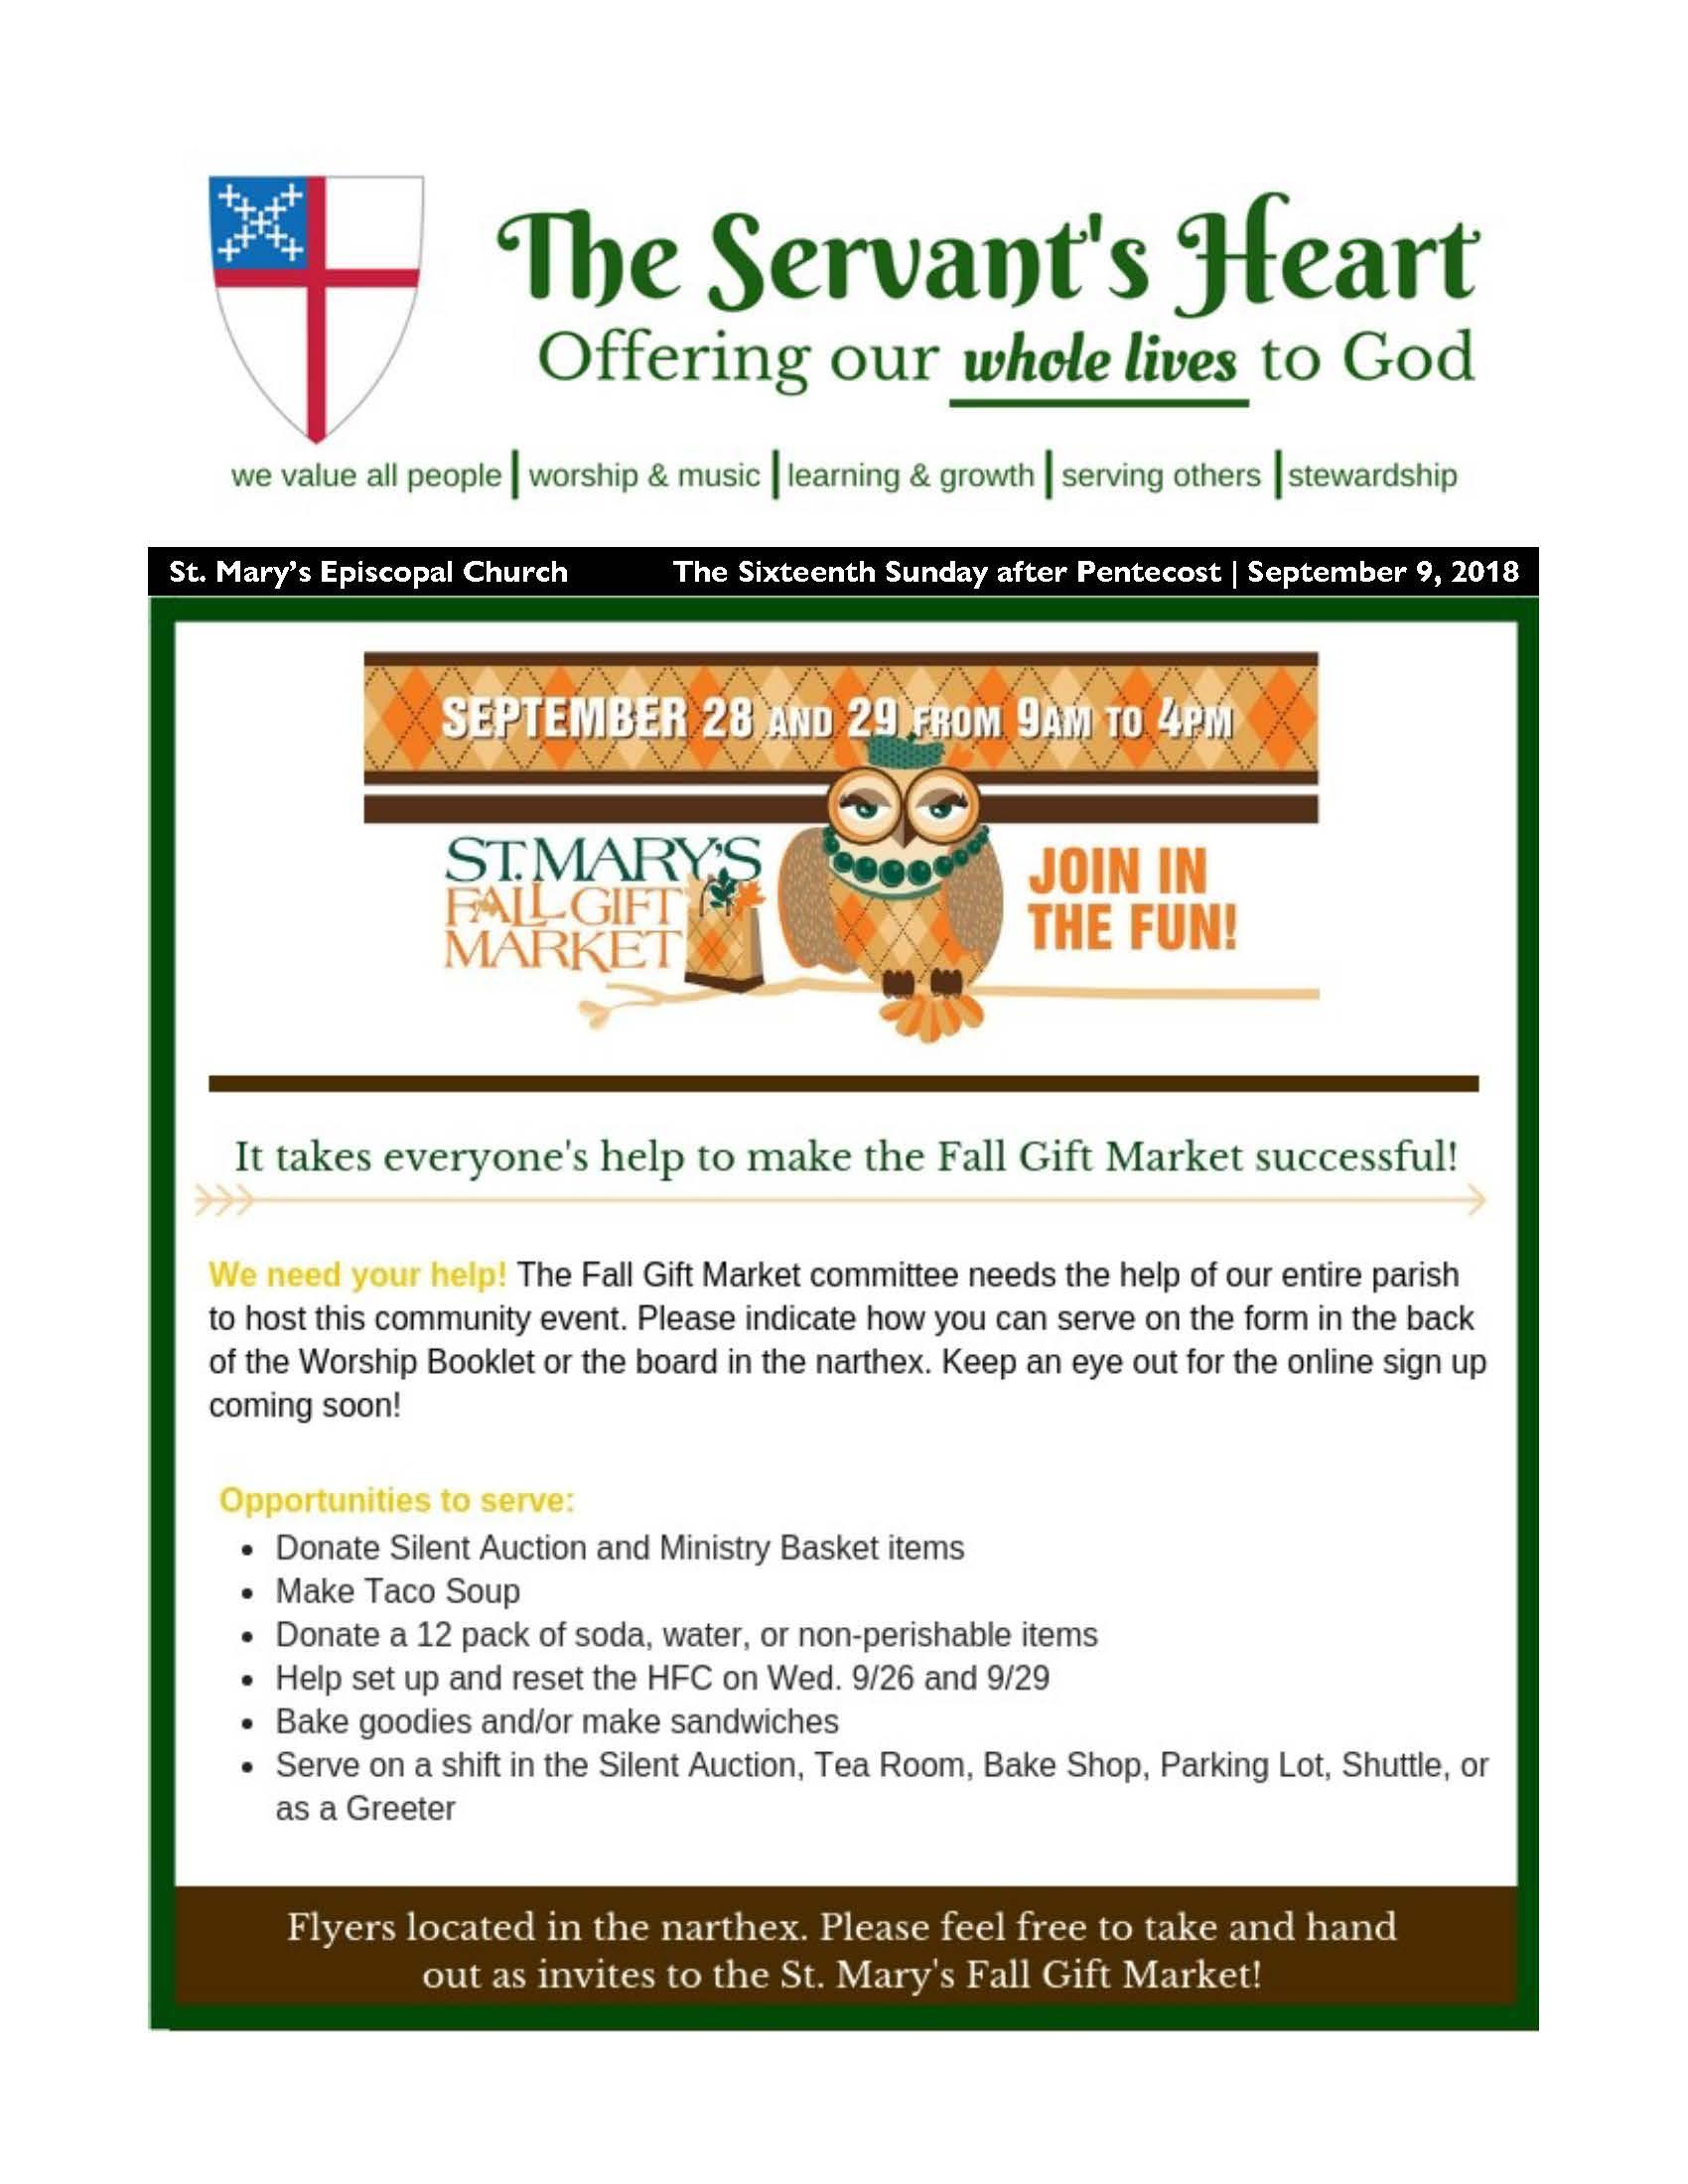 09 09 18 Servant's Heart Cover.jpg